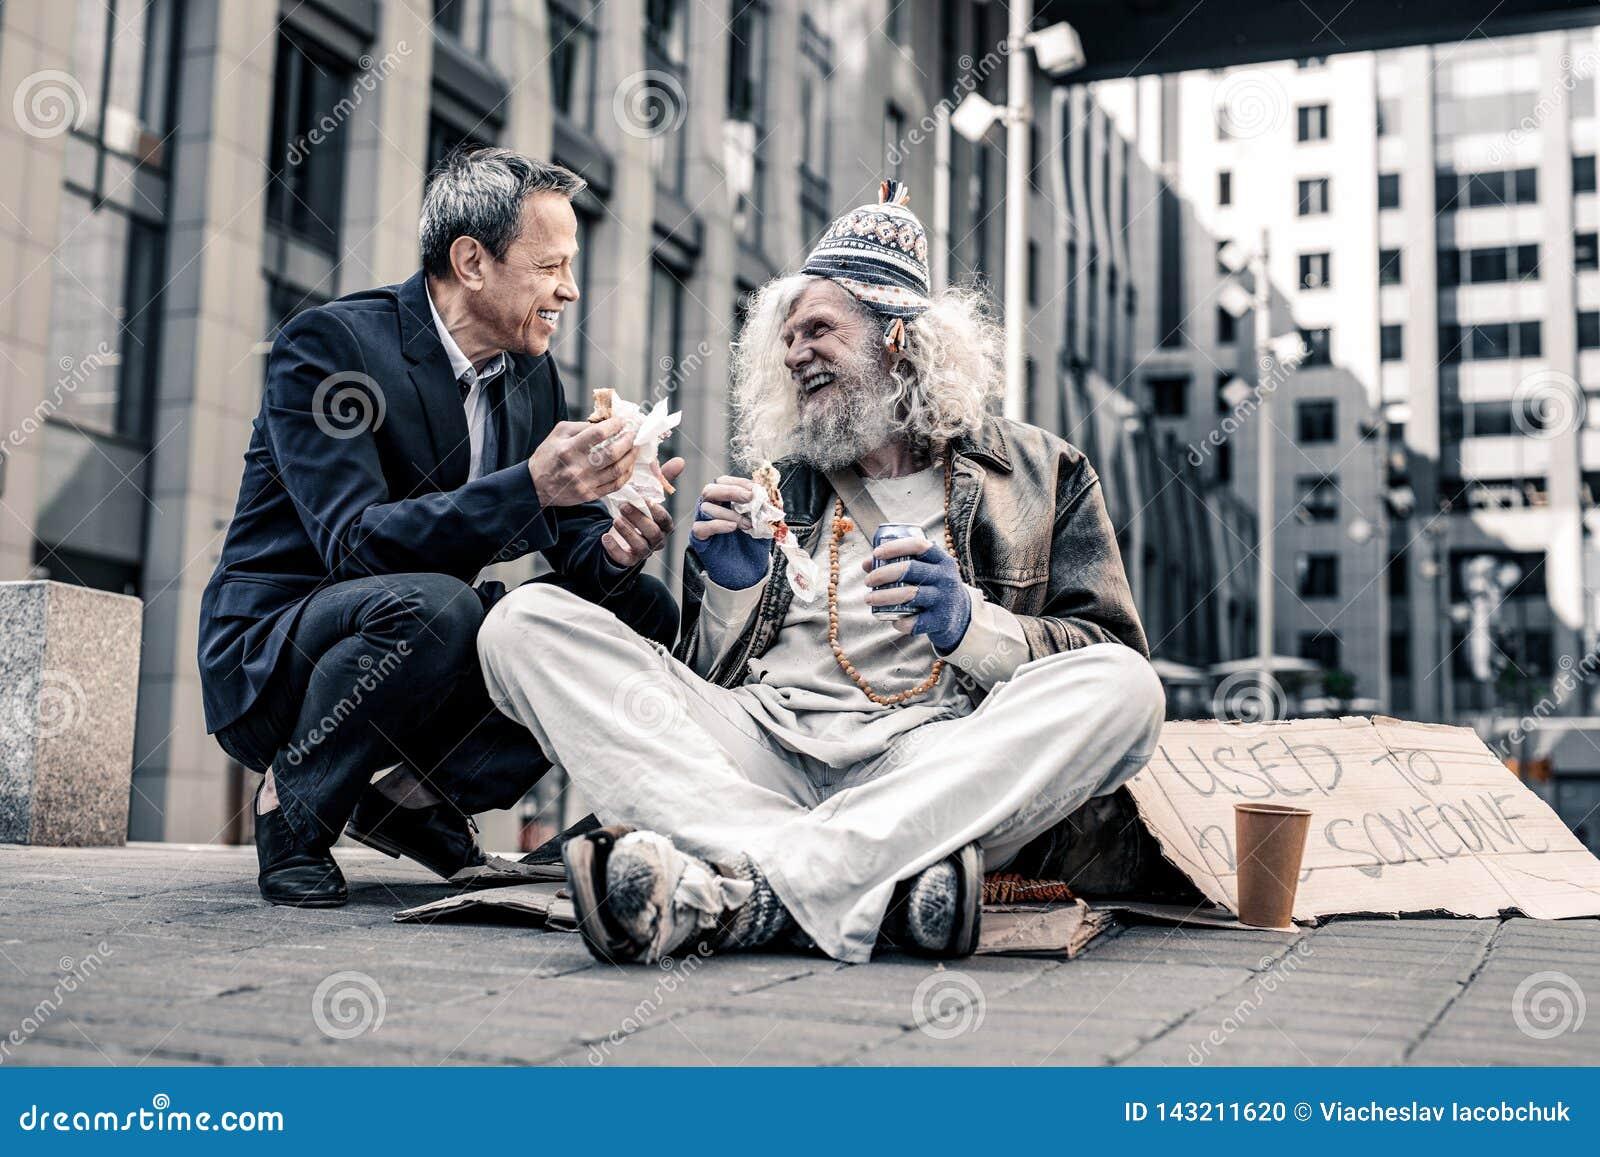 Strahlender schöner Mann, der angenehmes Gespräch mit schmutzigem Obdachlosem hat